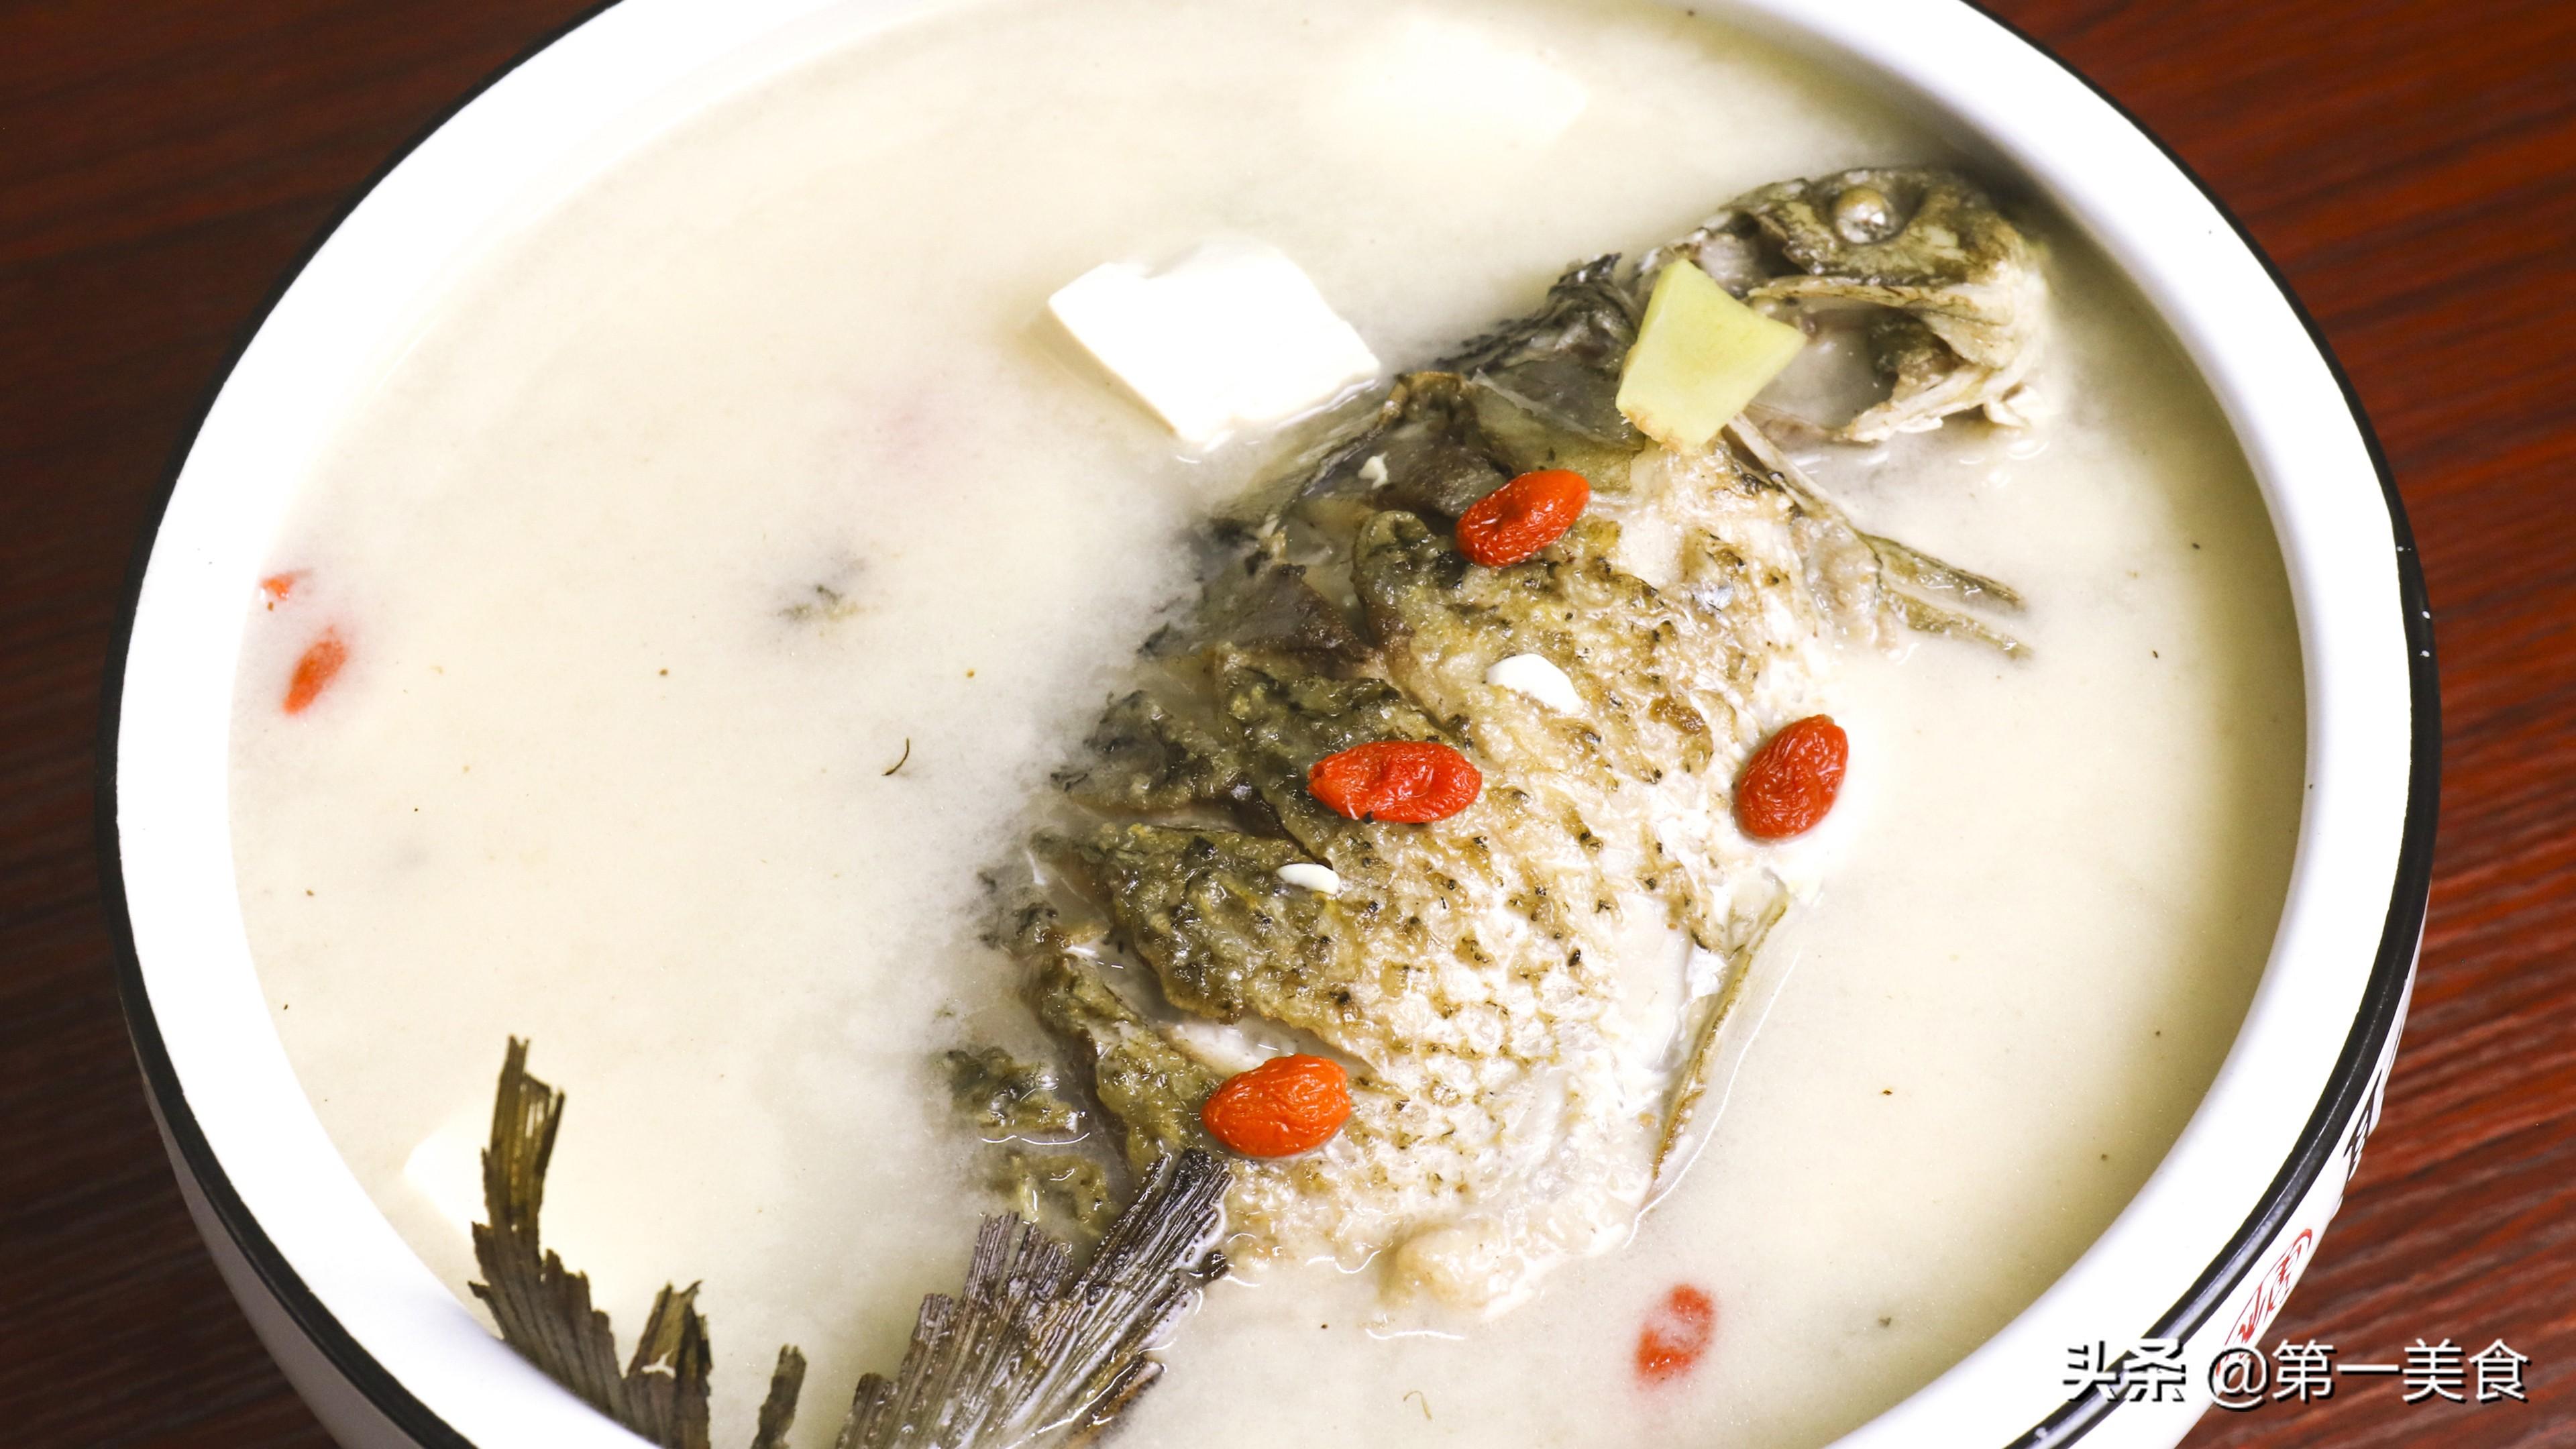 鲫鱼炖豆腐如何做汤白味鲜?学会2个小技巧,汤鲜不腥不破皮 美食做法 第1张